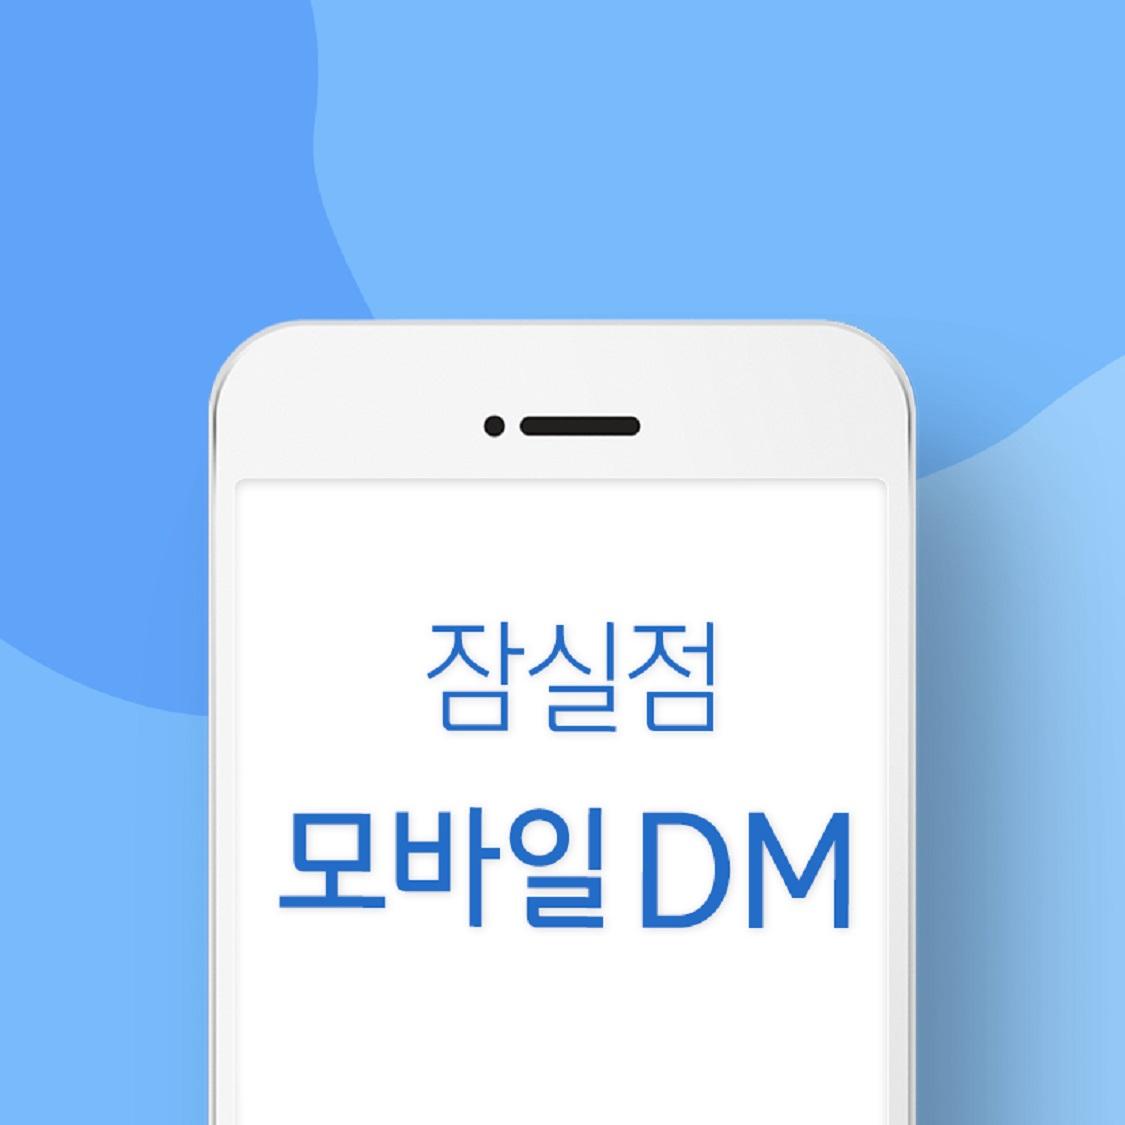 모바일 DM으로 만나는 잠실점 쇼핑뉴스!